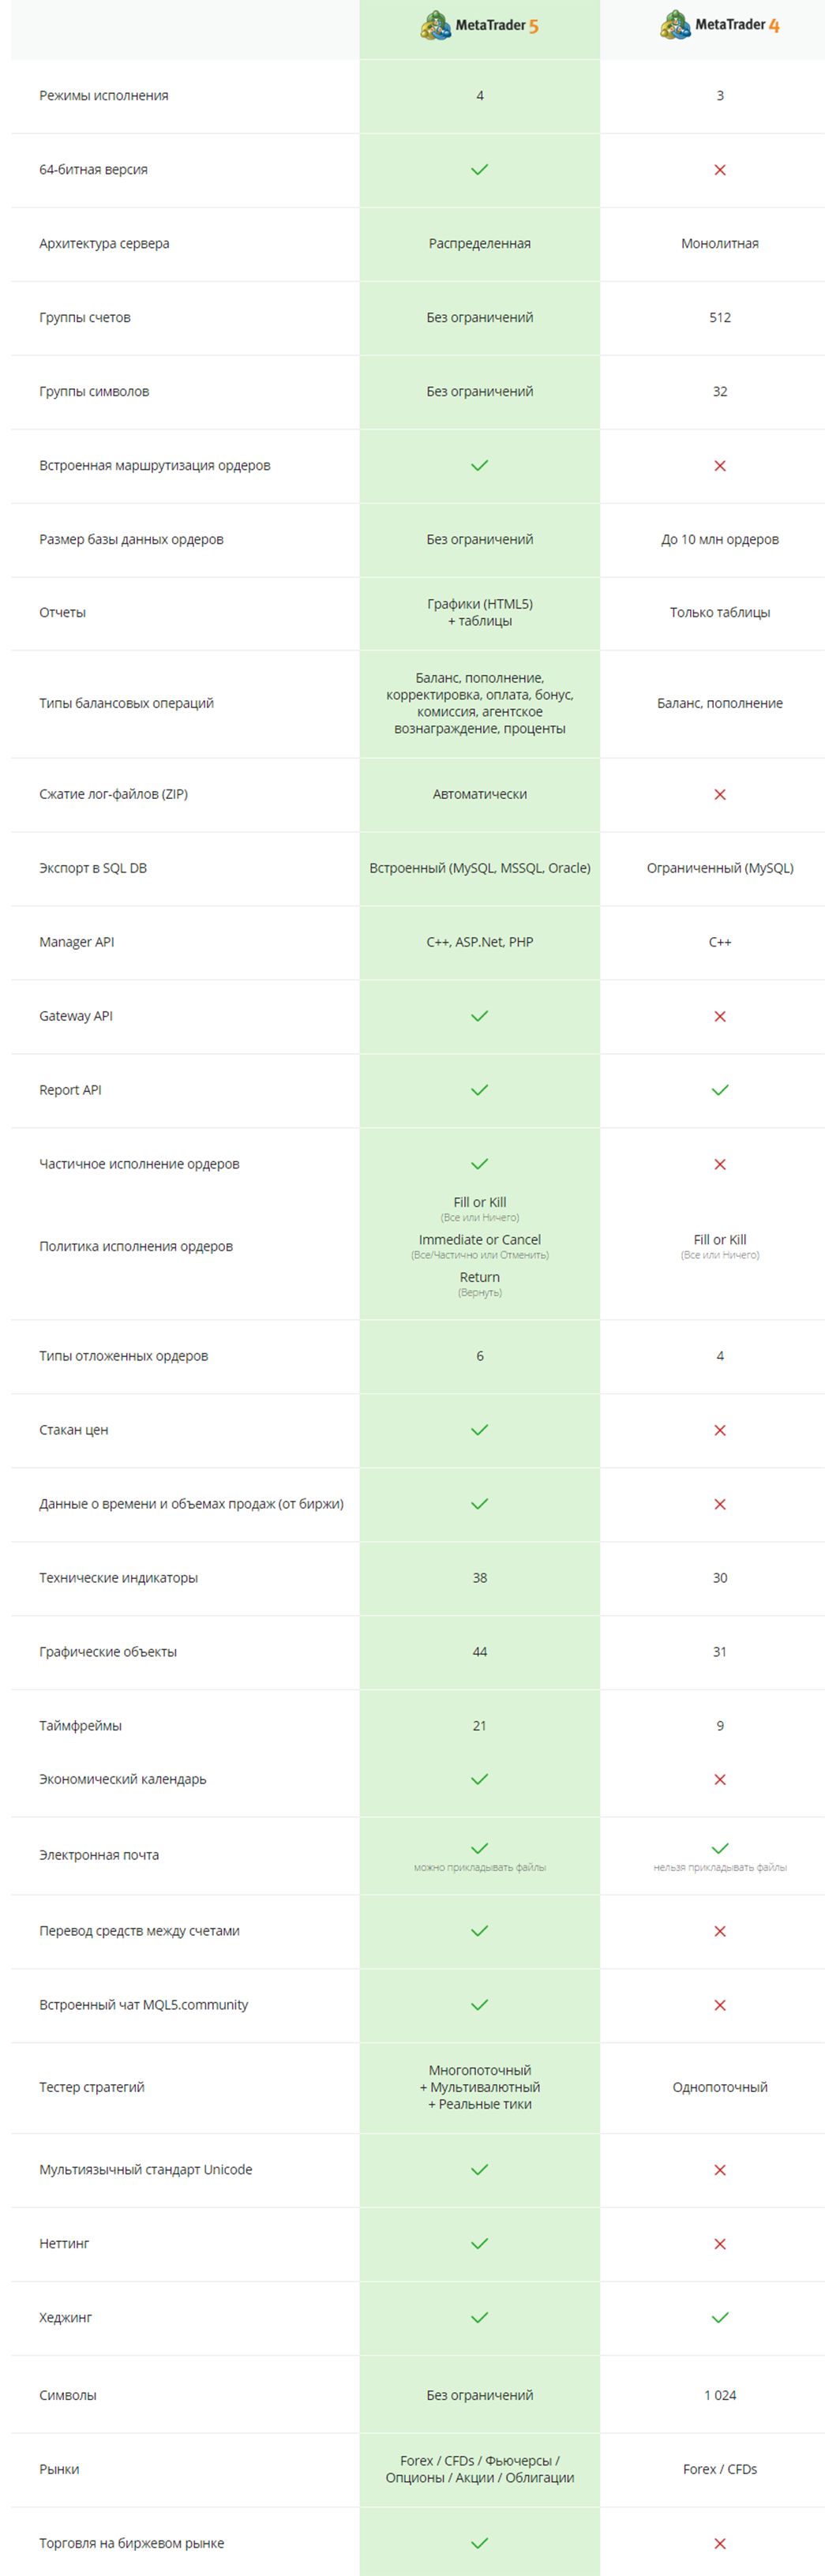 Основные отличия МТ4 и МТ5